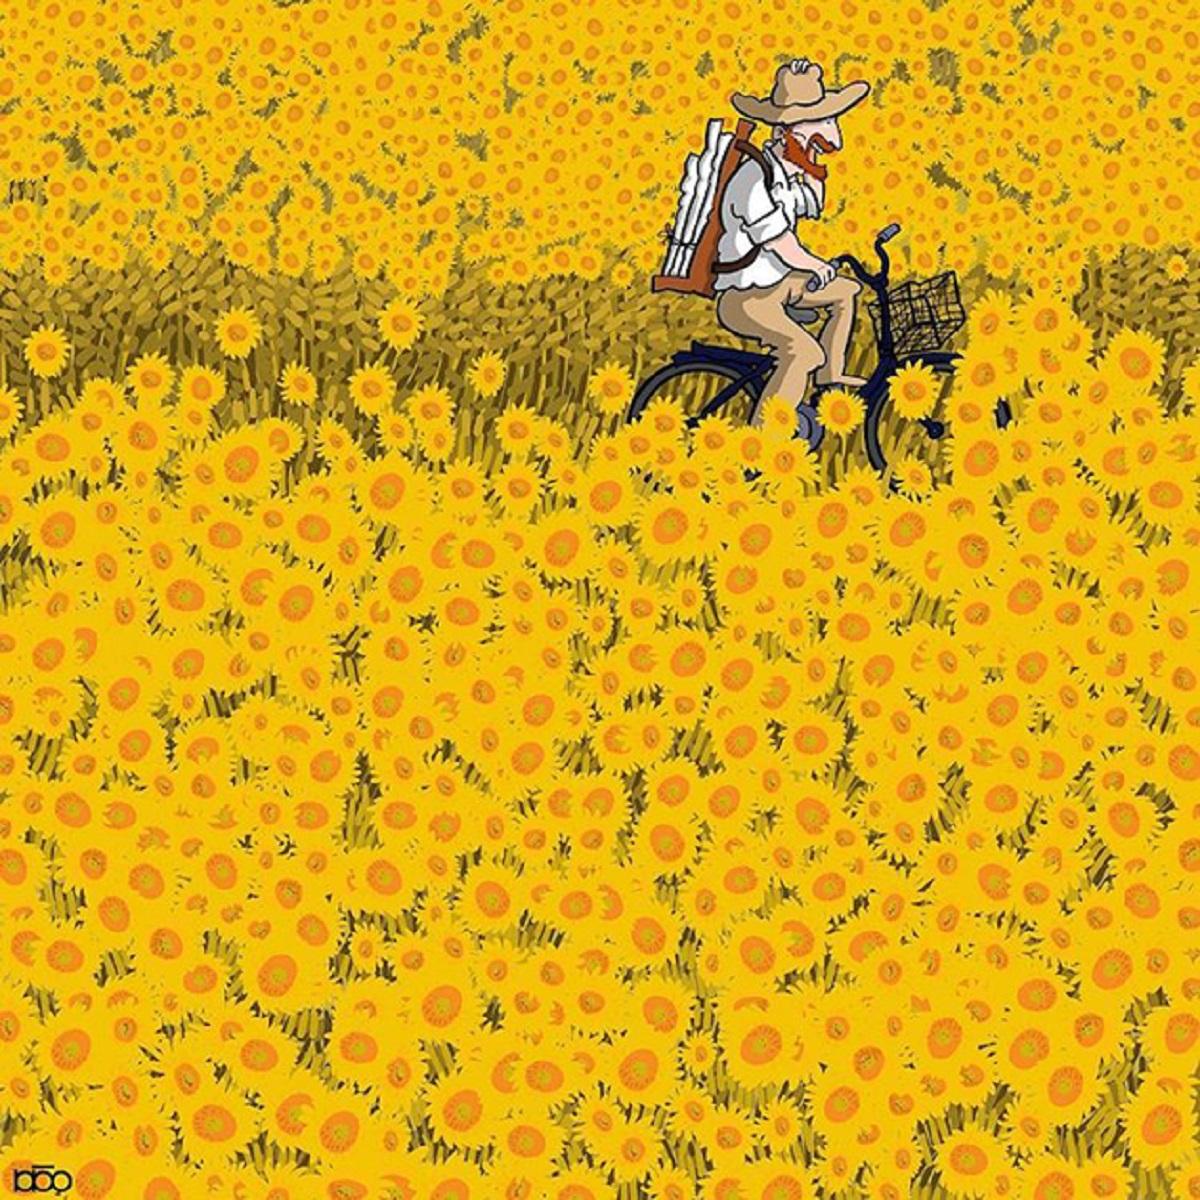 Karimi Van Gogh 02 - Ilustrador Iraniano desenhou a vida de Van Gogh em lindos quadrinhos